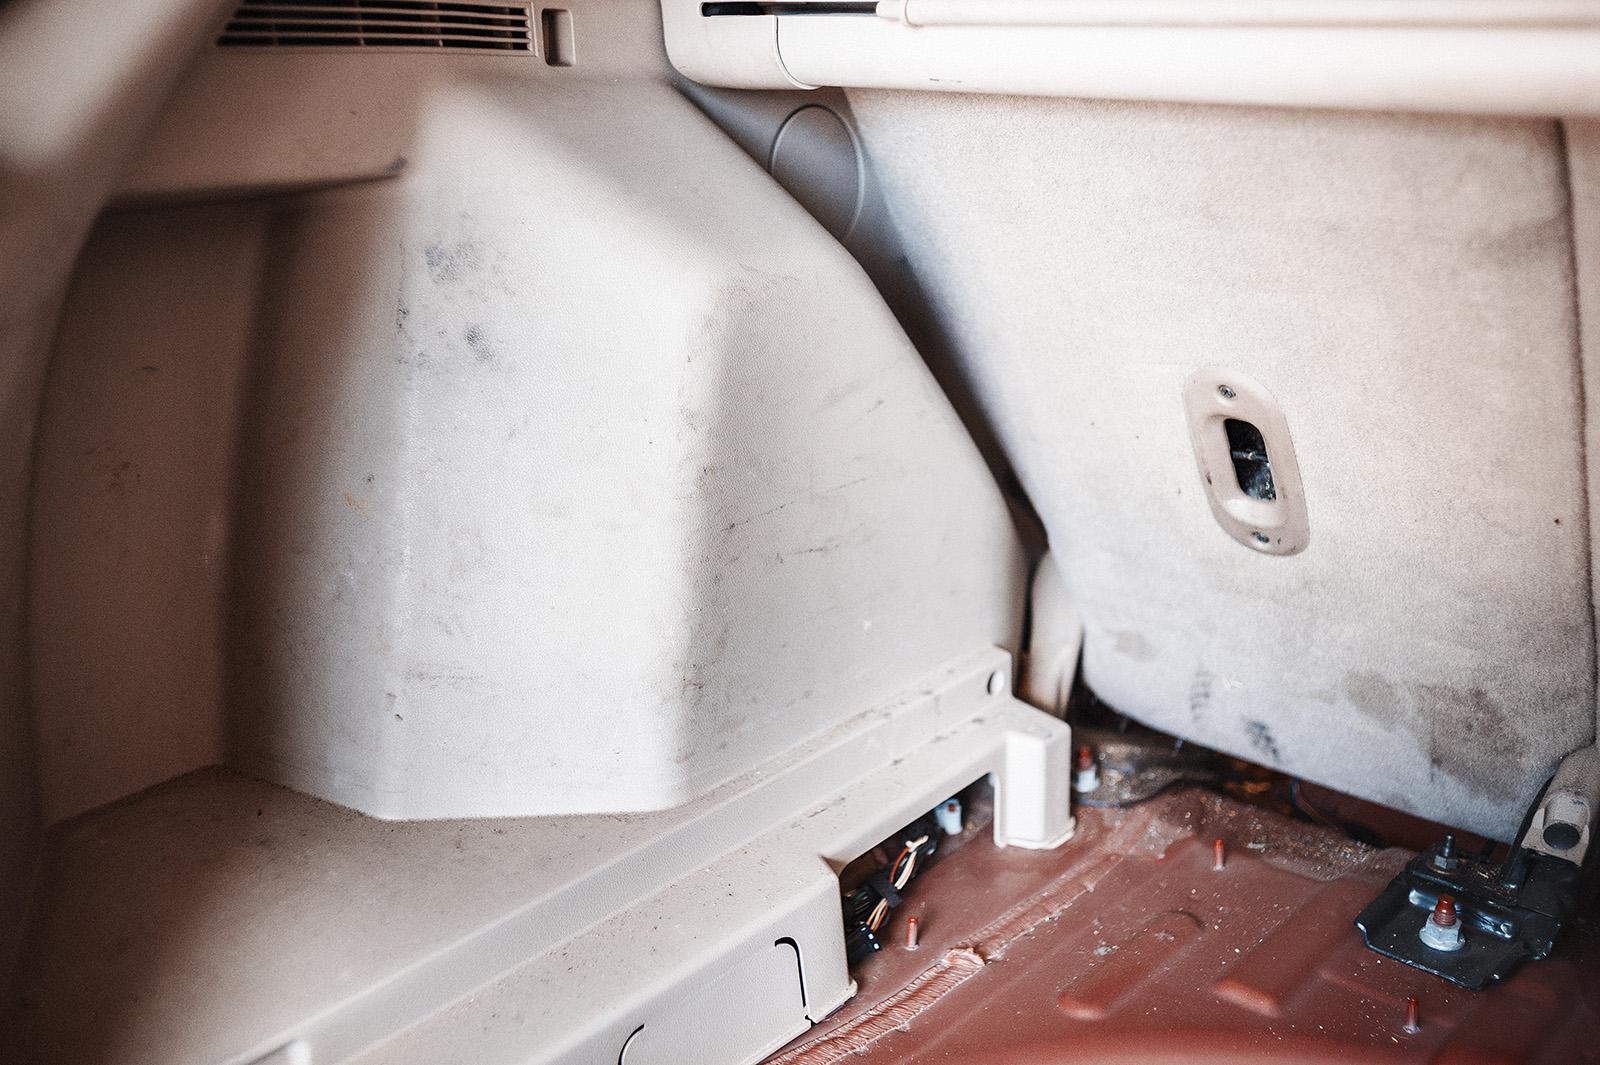 Пластик и обивка багажника осоновательно загрязнены